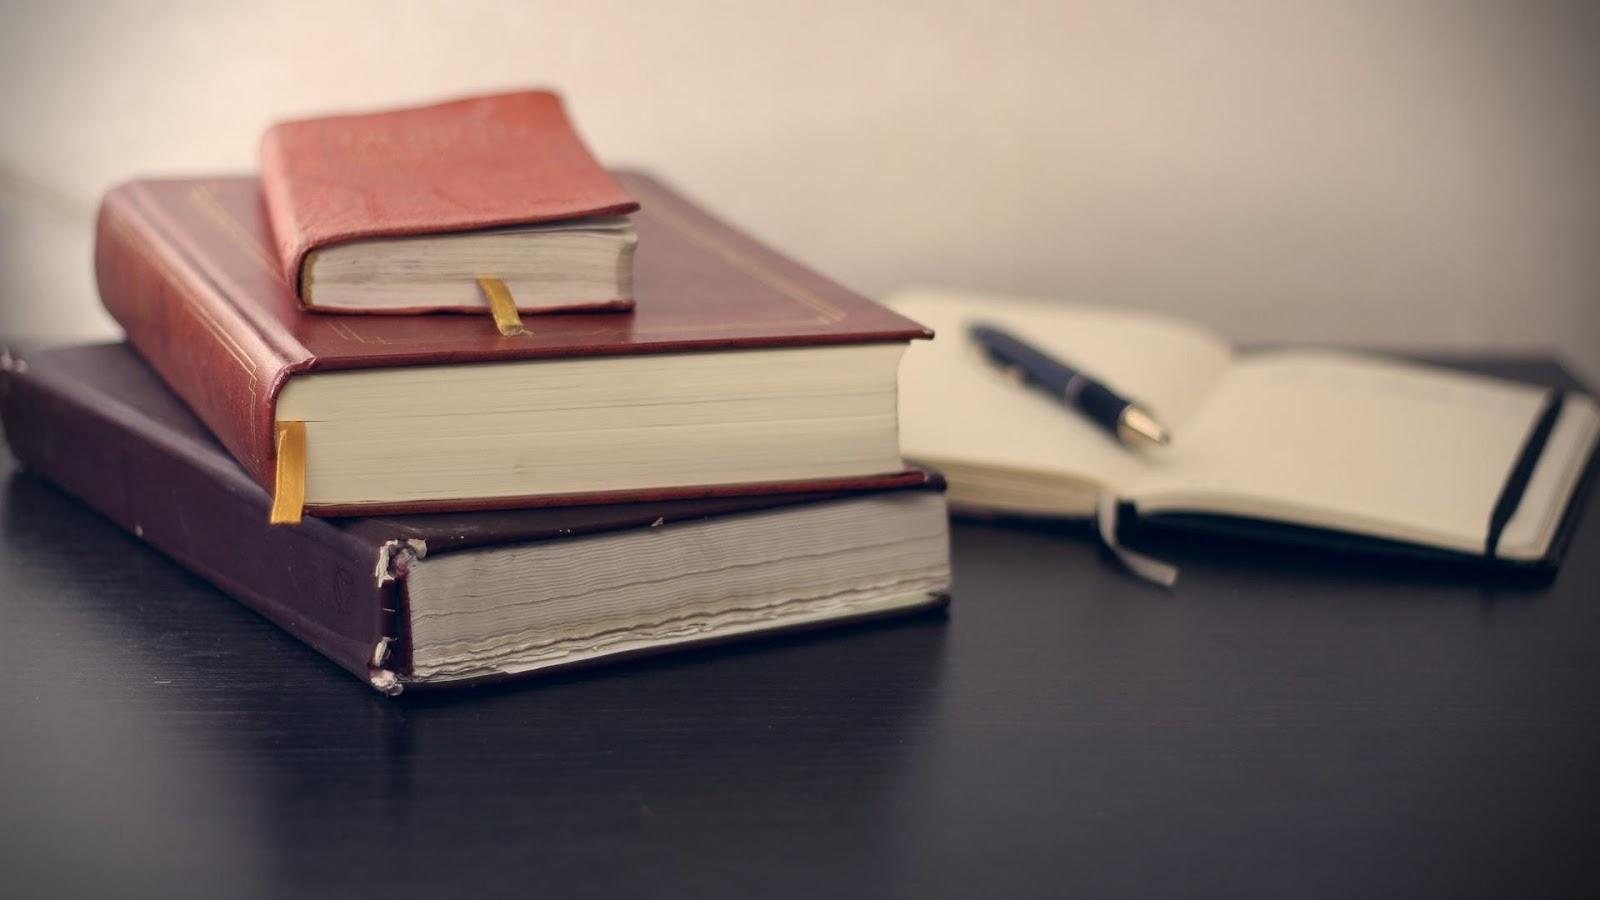 produtividade para advogados: como aumentar